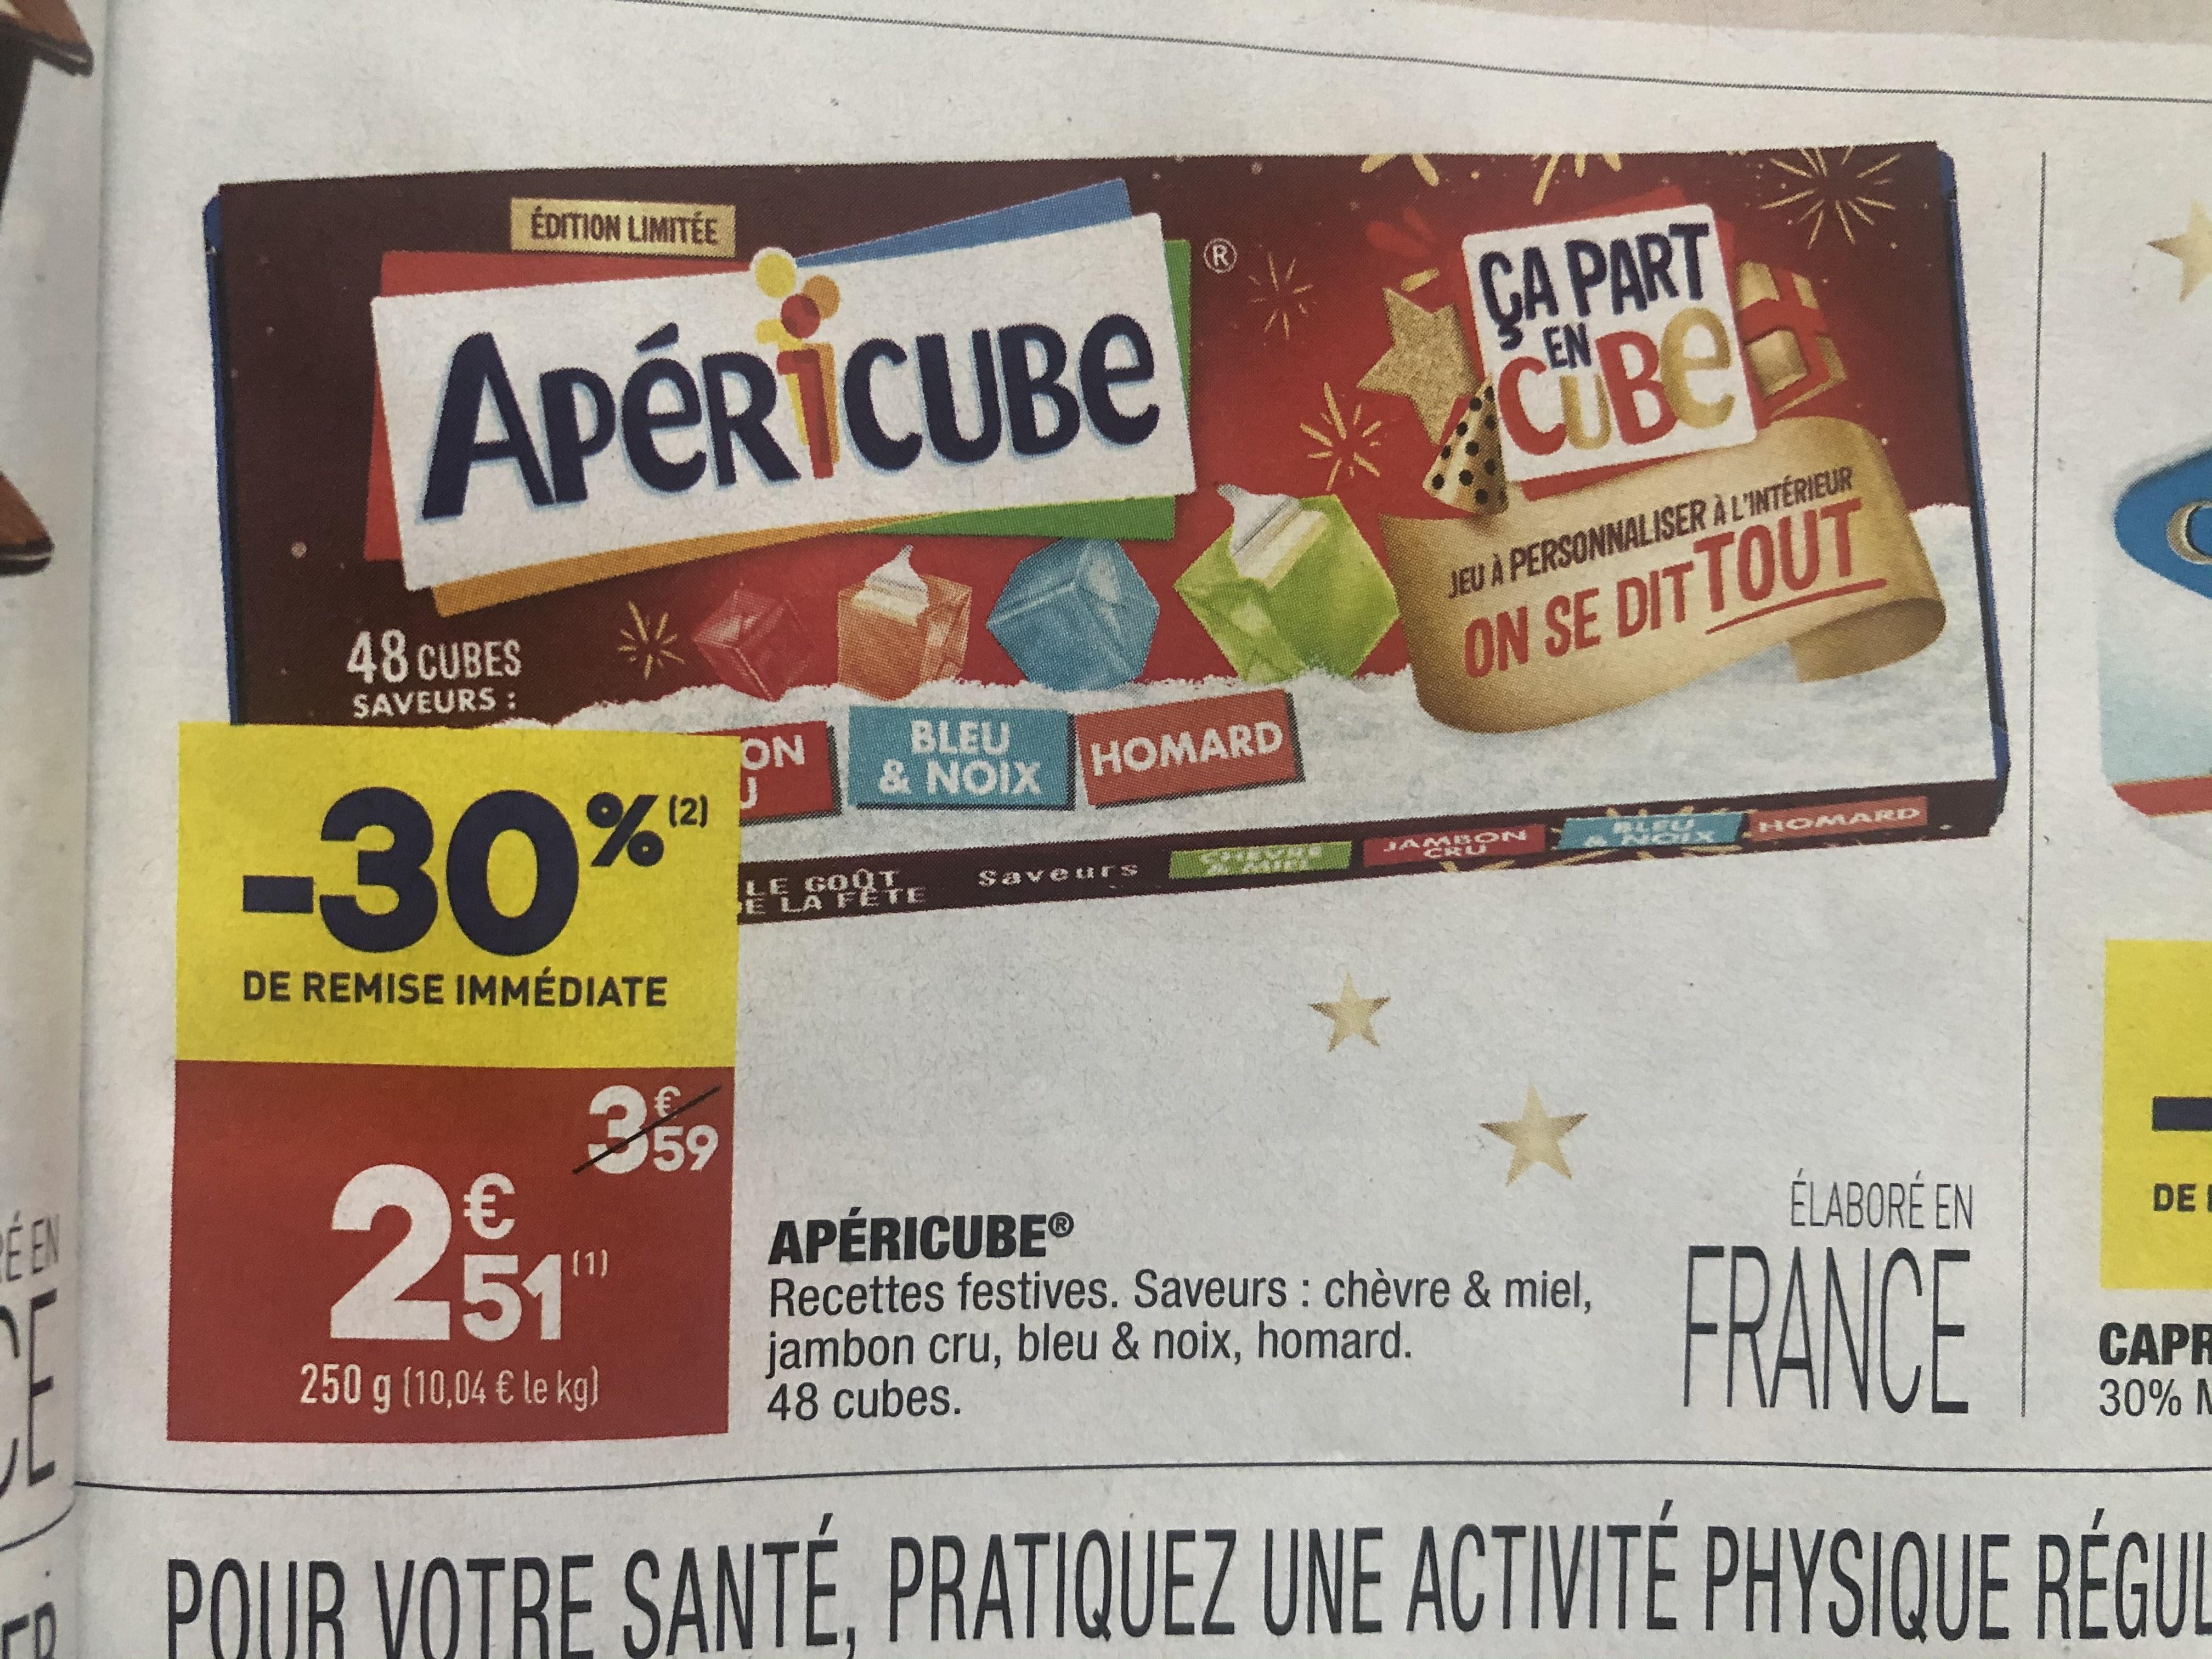 Boîte Apéricube - 45 cubes